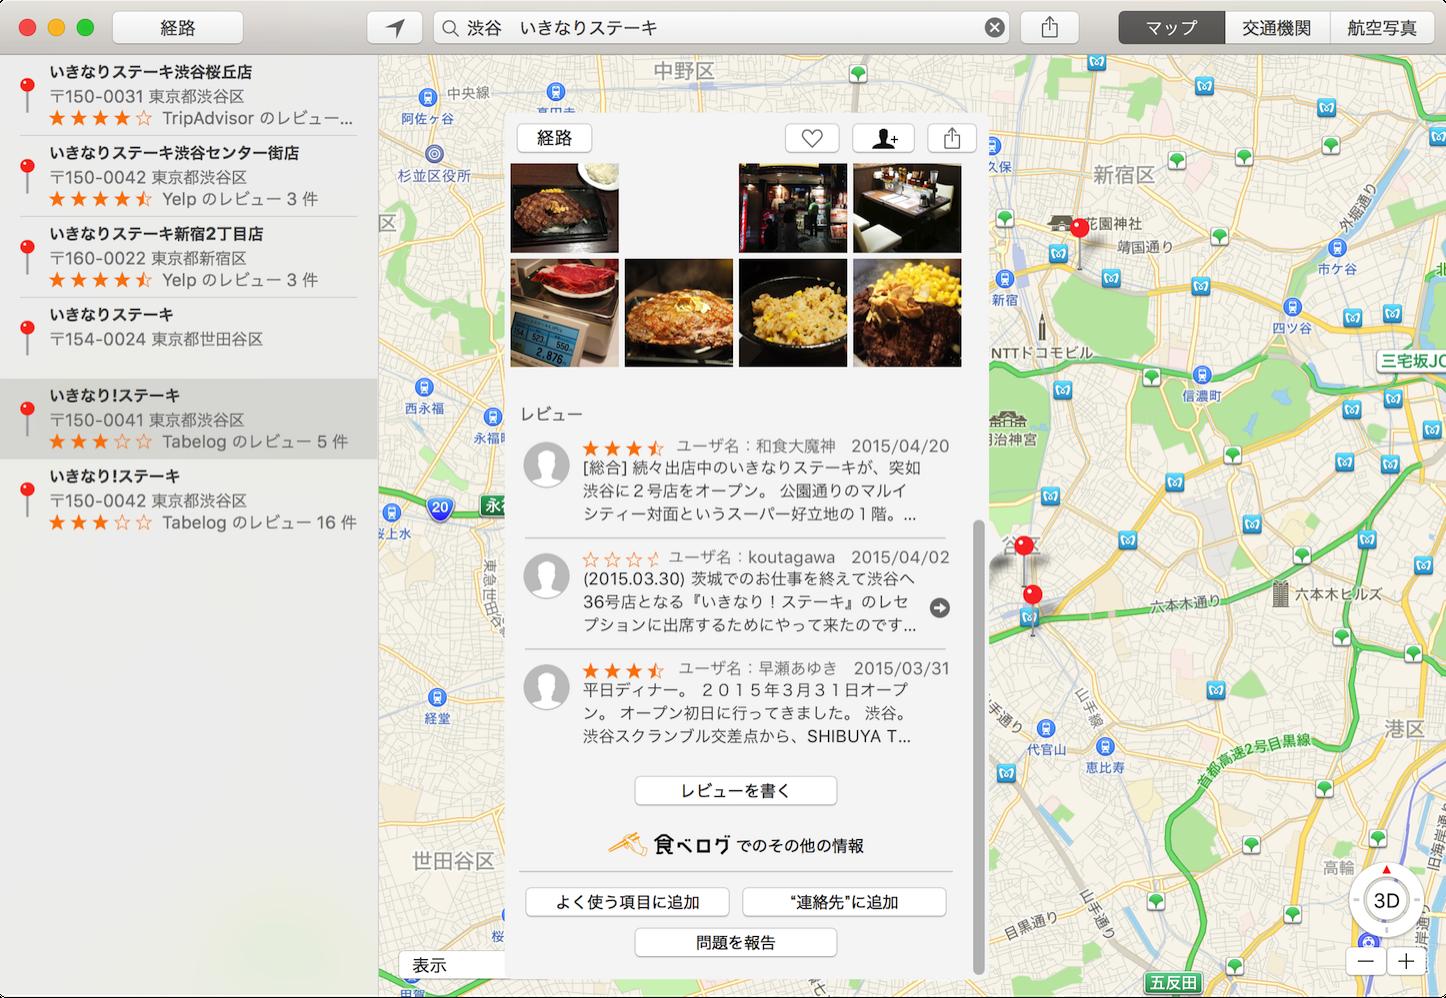 Apple純正地図アプリに食べログ情報が表示されている